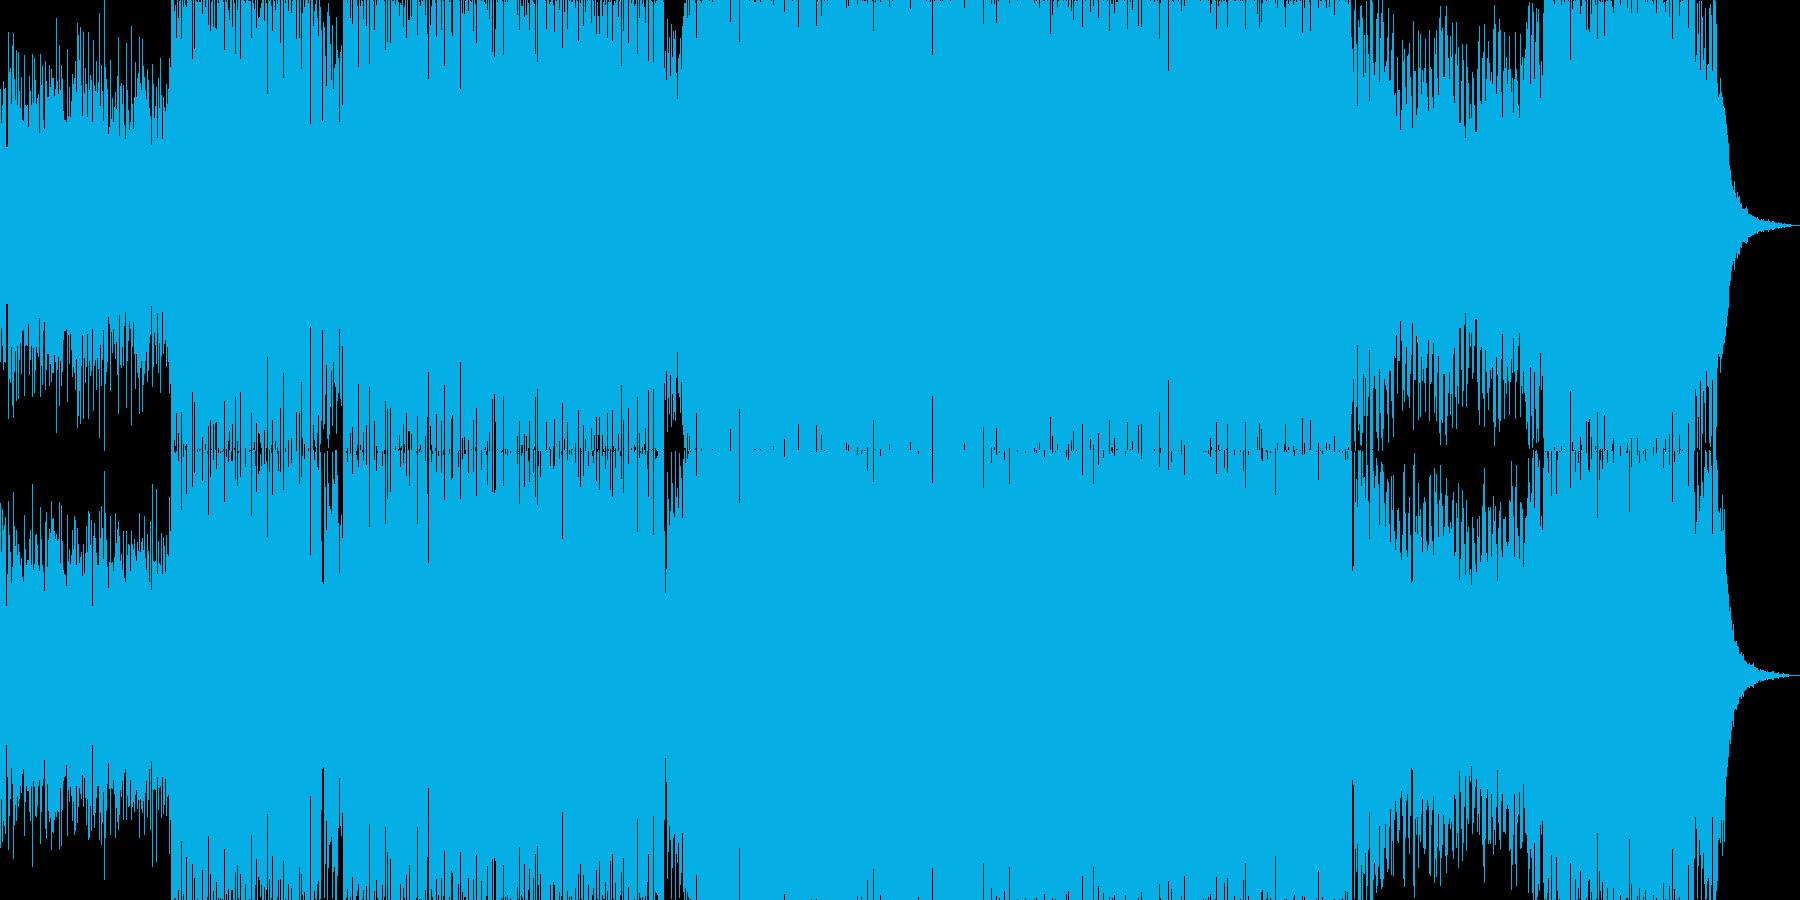 軽快で近未来的なエレクトロニックサウンドの再生済みの波形